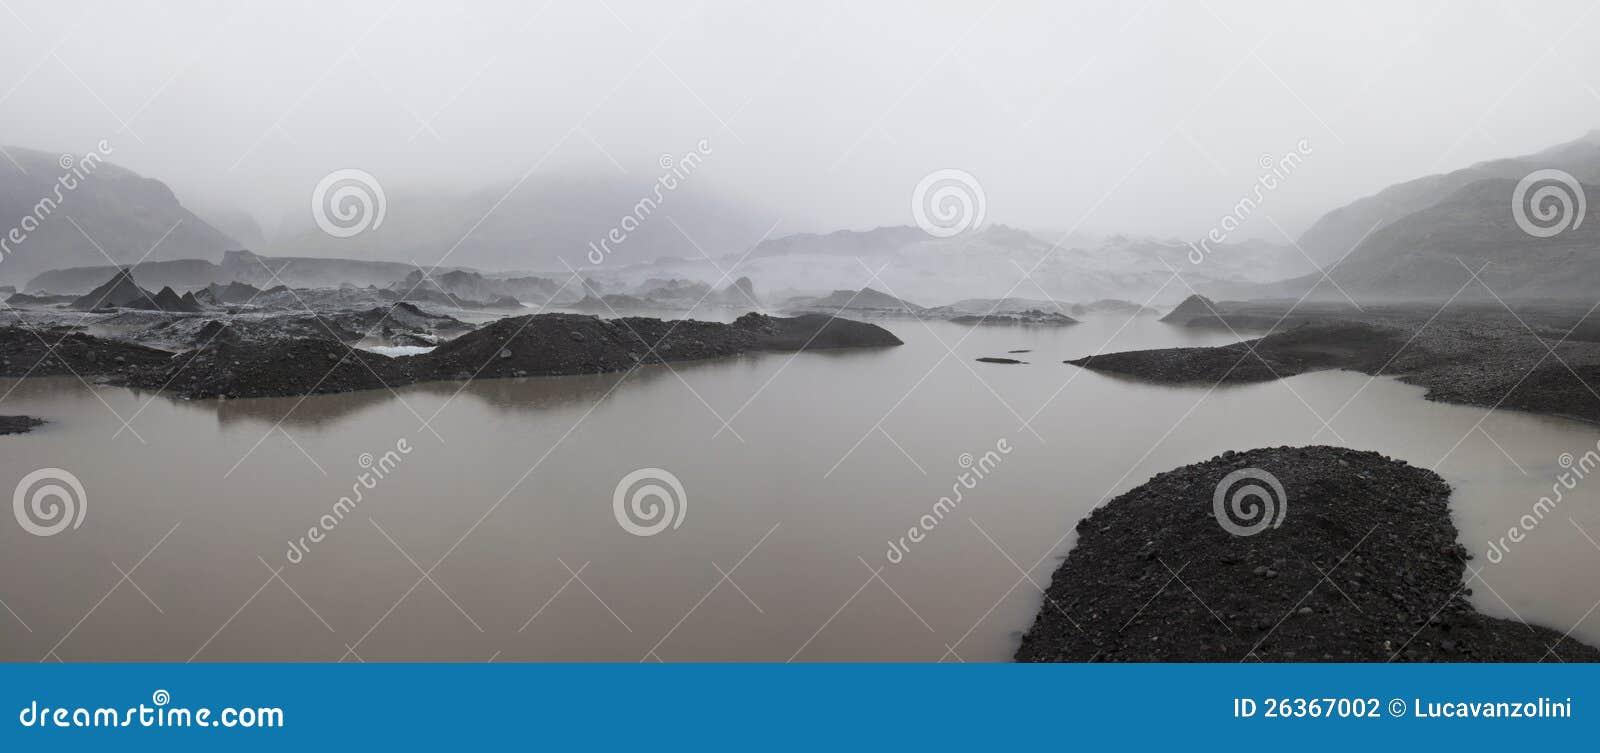 Isländischer Gletscher